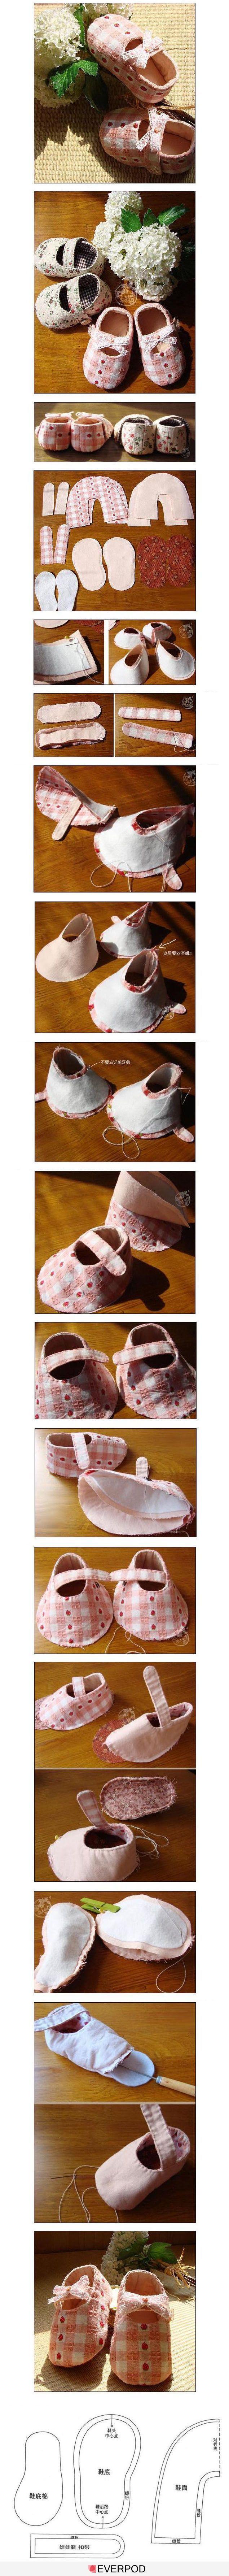 Sapatinhos de bebê: